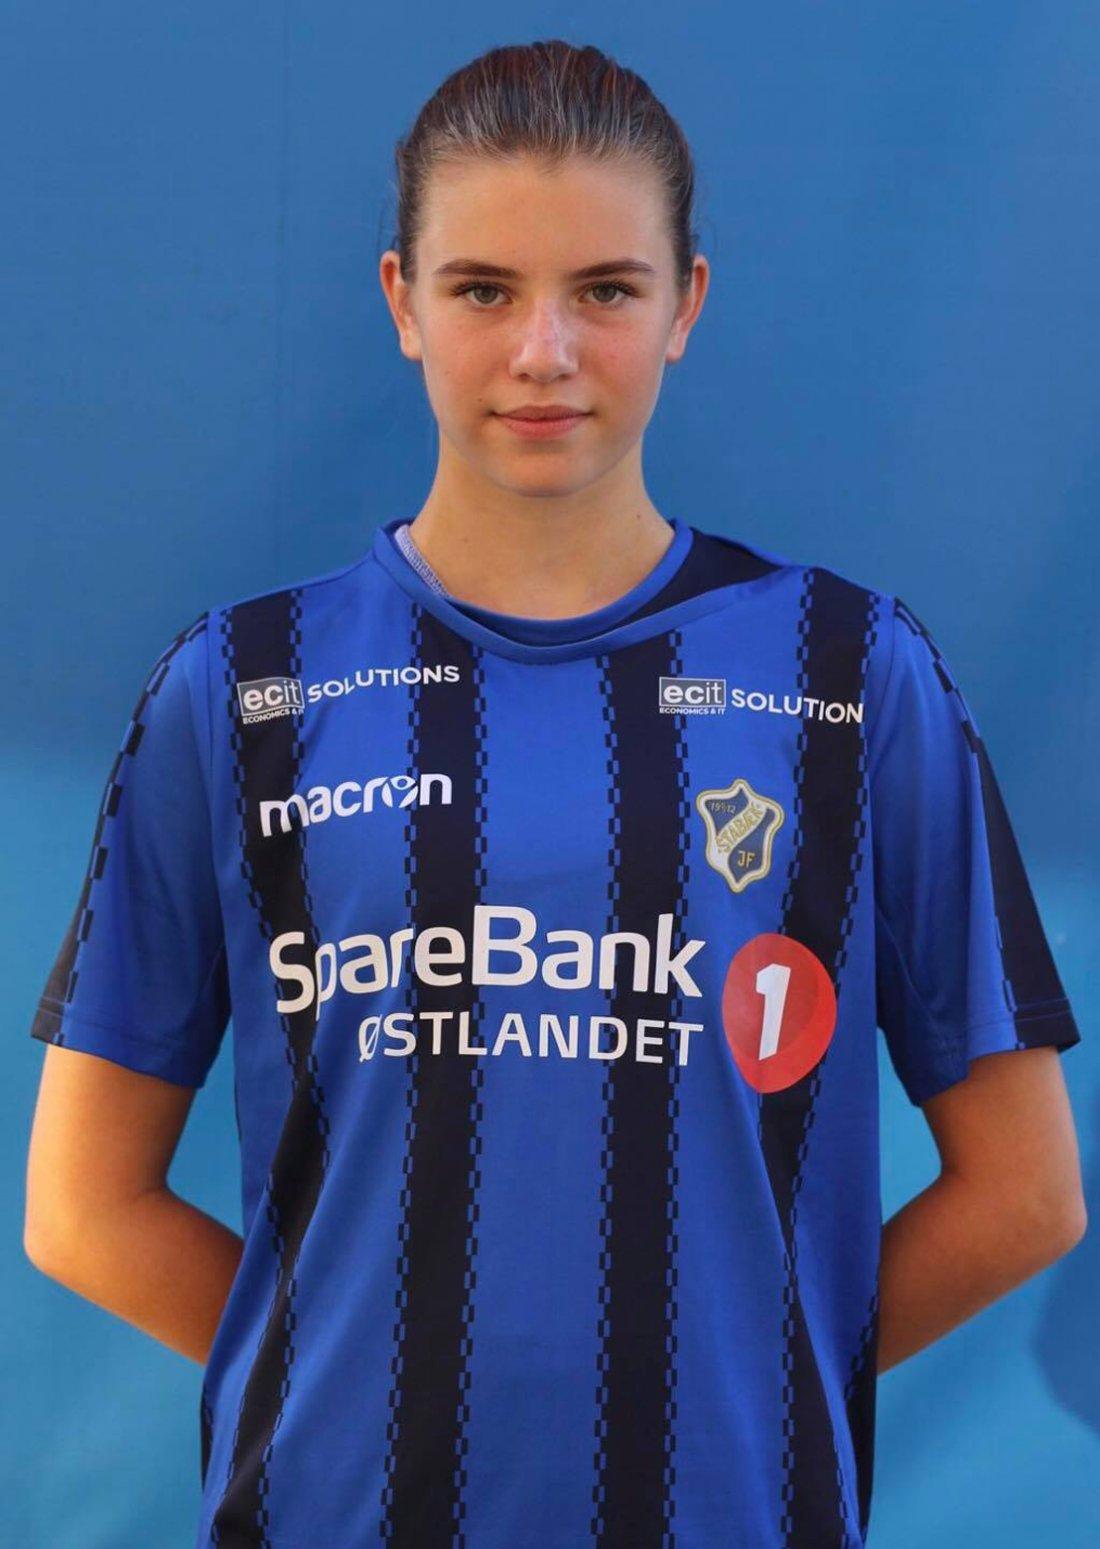 Malene Wik Alfredsen